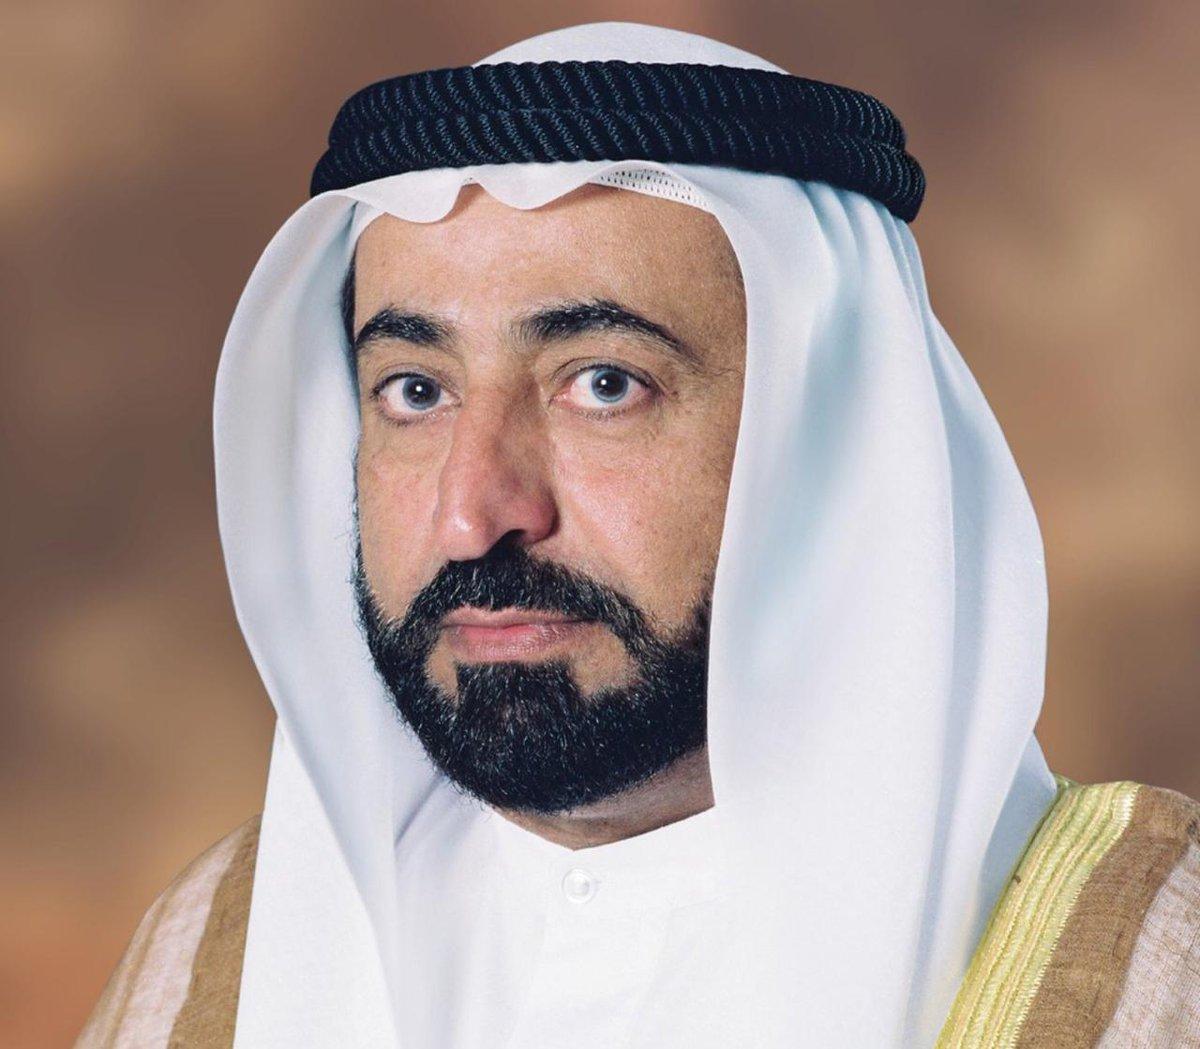 حاكم الشارقة يعزي خادم الحرمين الشريفين في وفاة الأميرة حصة بنت فيصل صحيفة الخليج الخليج خمسون عاماً